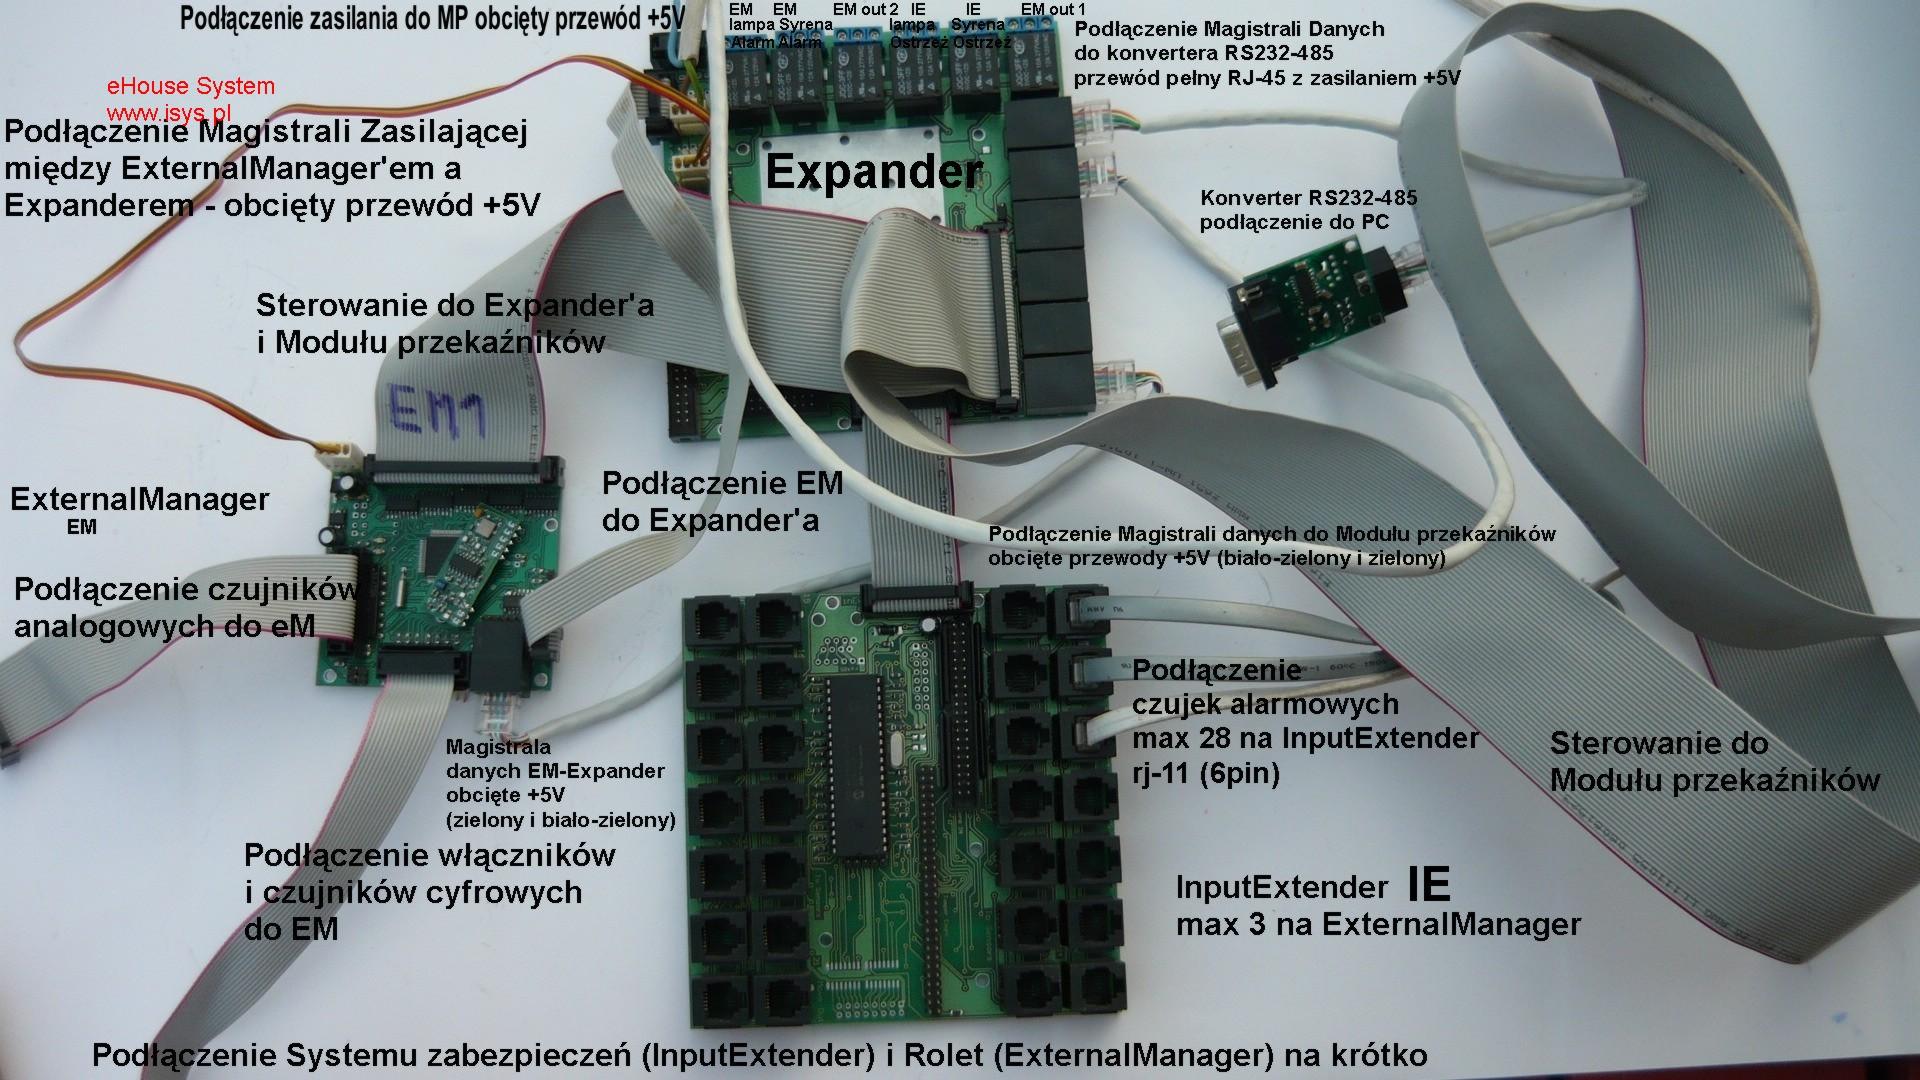 Intelligent Building eHouse - Conectarea unui sistem de securitate complet, cu modulul de control, relee şi obloane RS232 convertor - 485